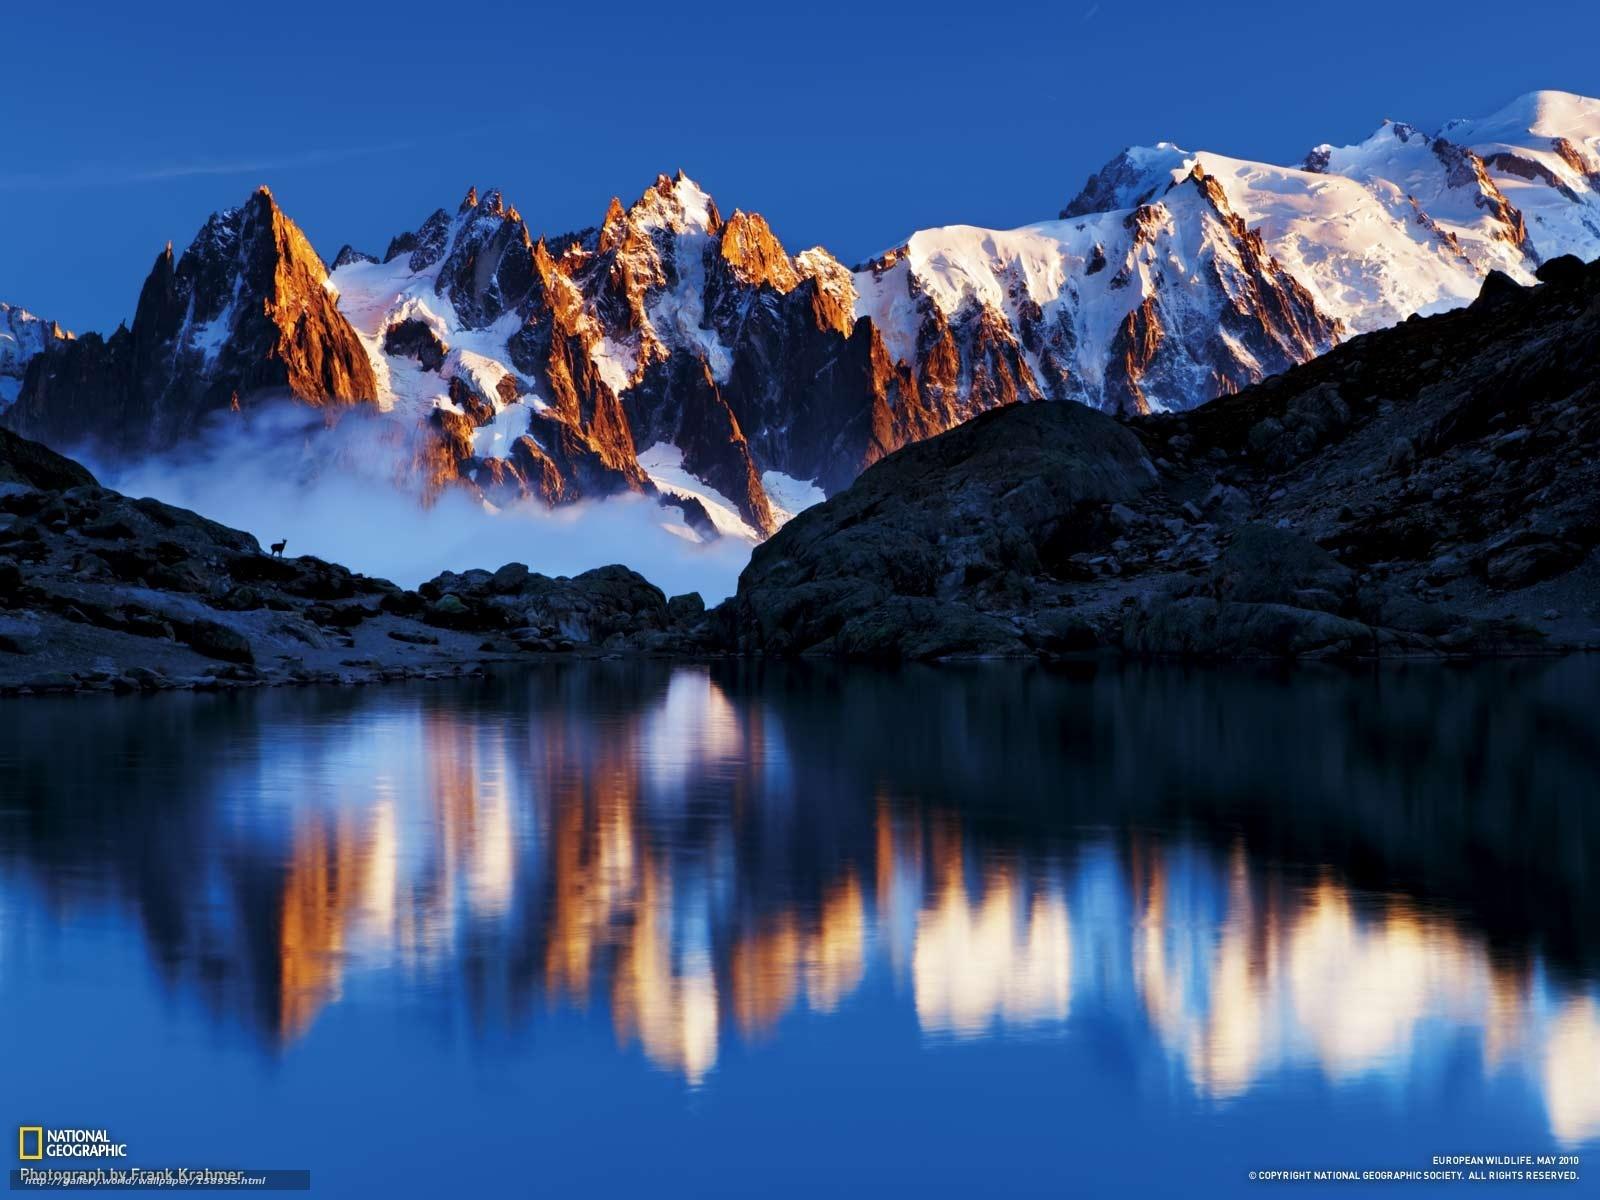 Tlcharger fond d 39 ecran montagnes neige eau rflexion for Fond ecran montagne